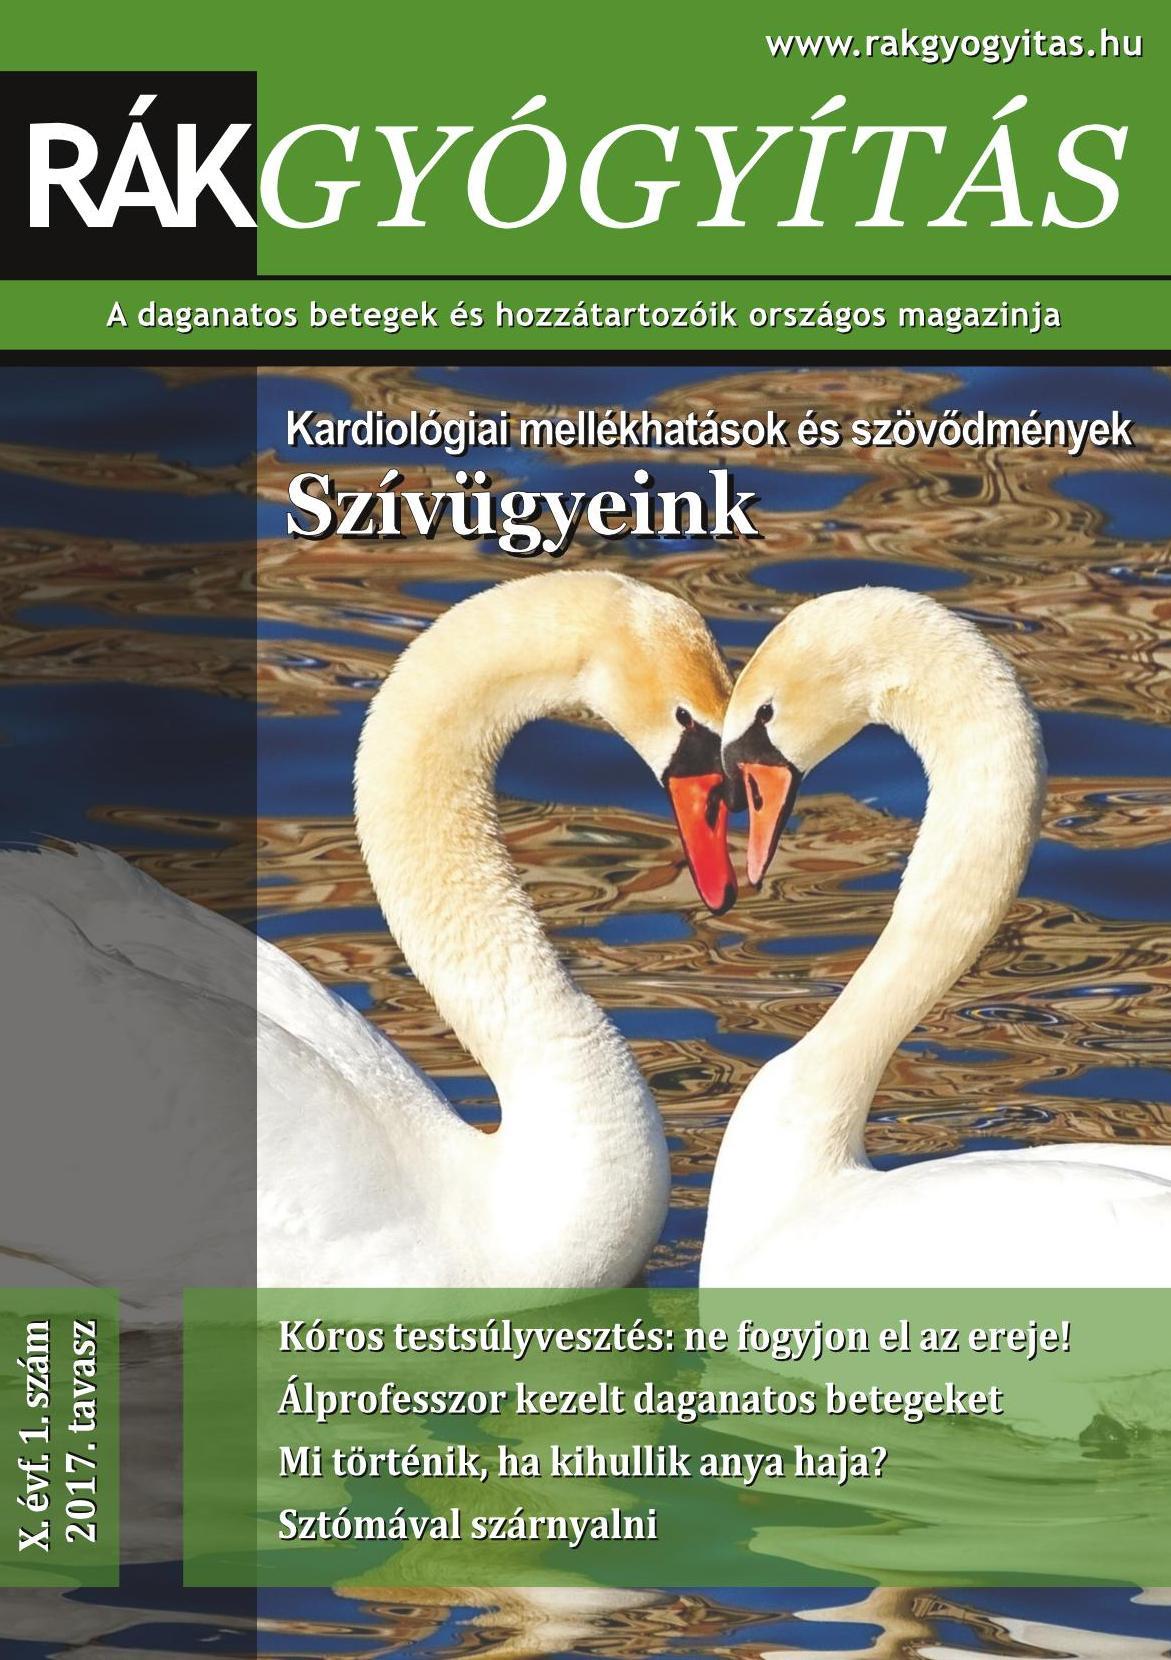 Rákgyógyítás Magazin 2017. tavasz